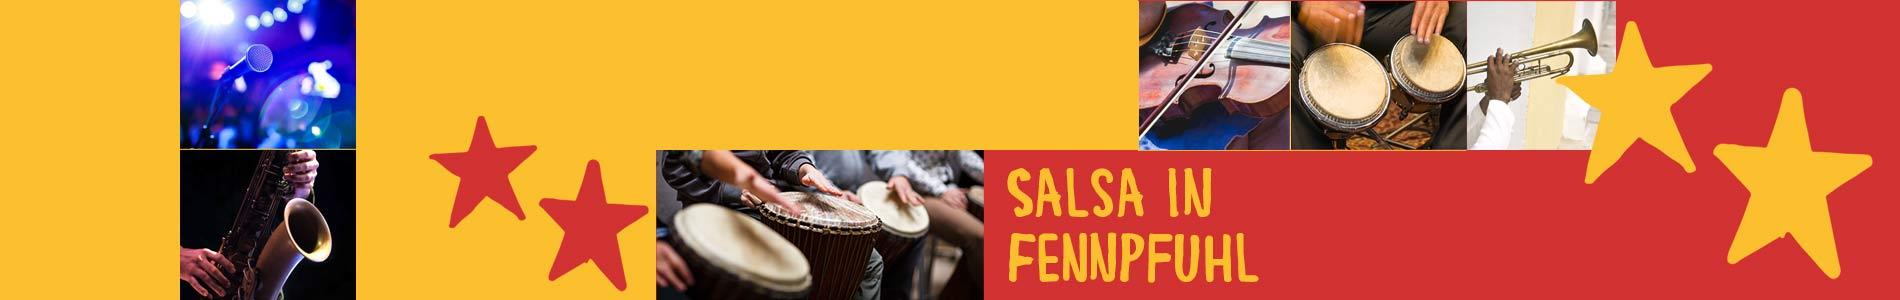 Salsa in Fennpfuhl – Salsa lernen und tanzen, Tanzkurse, Partys, Veranstaltungen